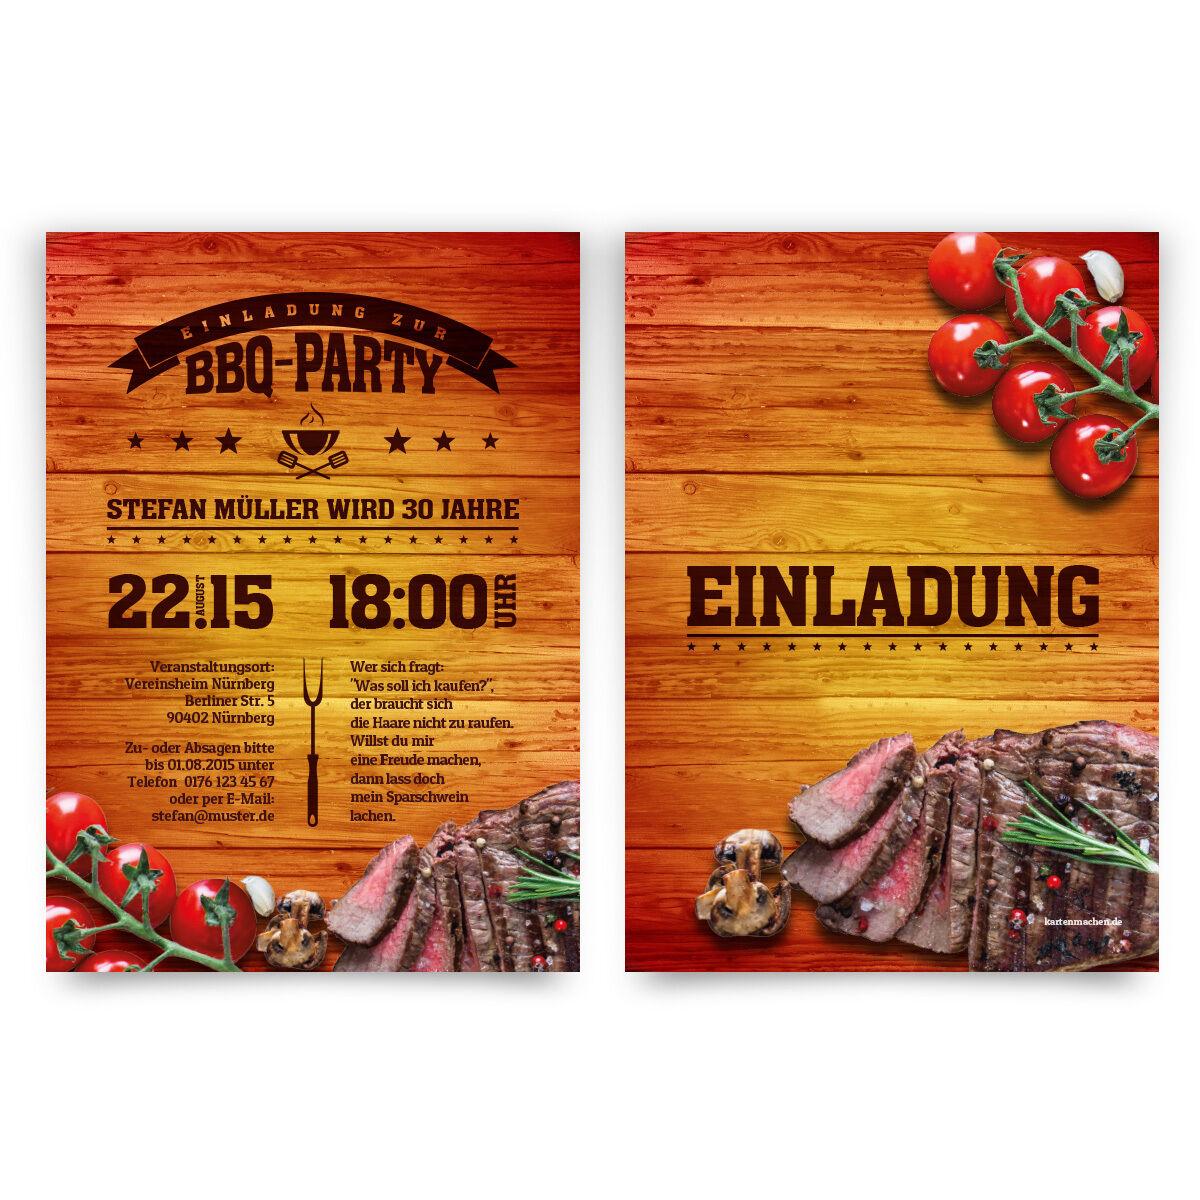 Einladungskarten zum Geburtstag im BBQ Design Barbecue Grill Steak Essen grillen | Attraktives Aussehen  | Deutschland Outlet